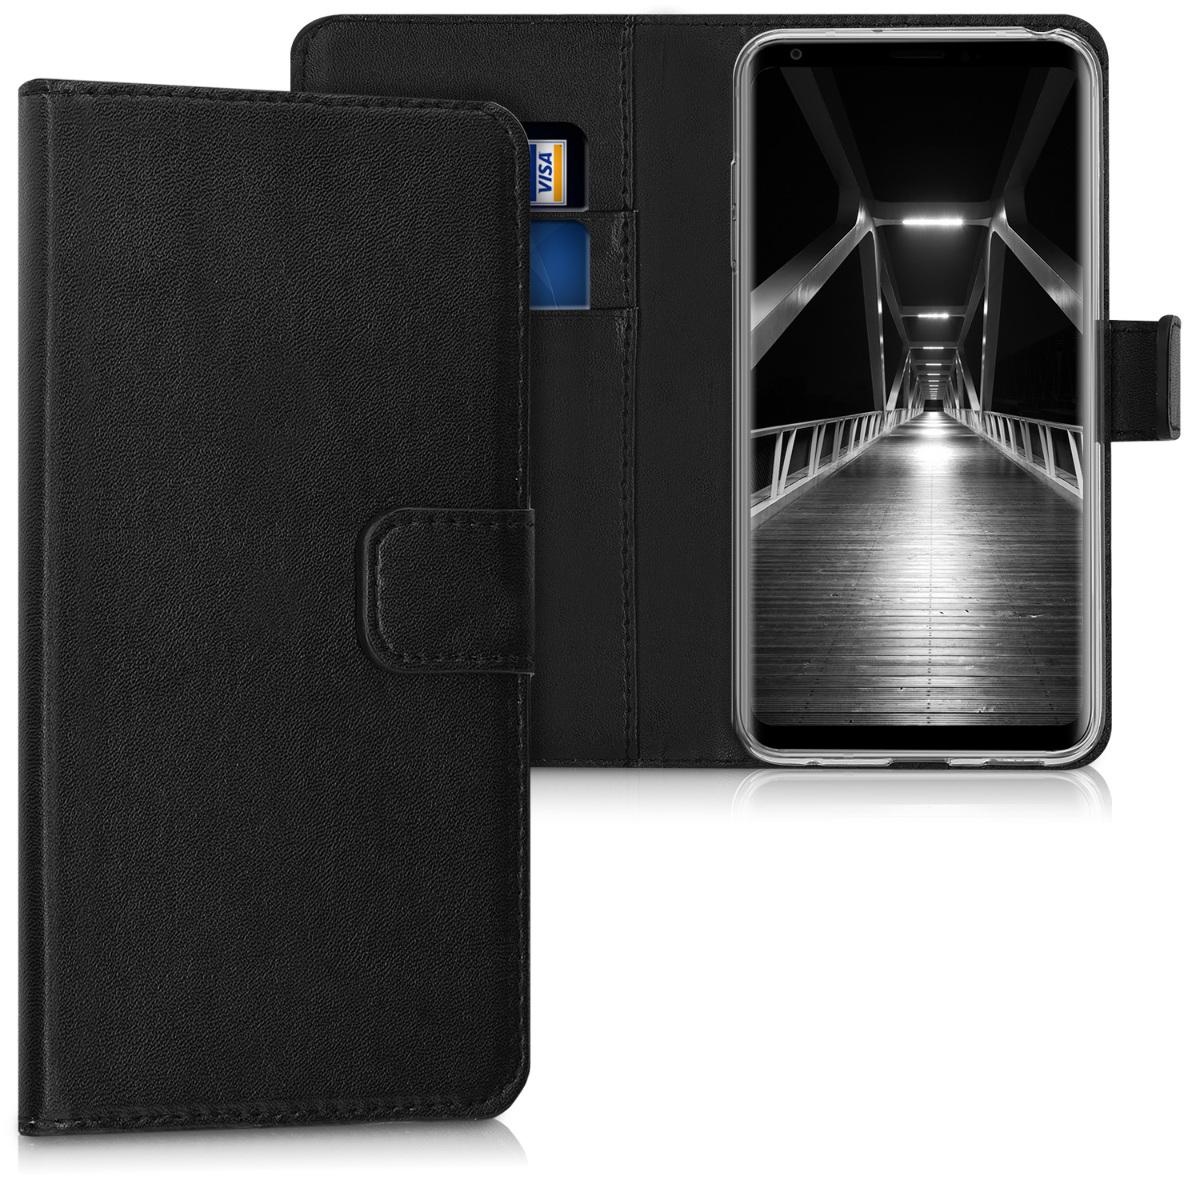 KW Θήκη-Πορτοφόλι LG V30 - Μαύρο (42746.01)